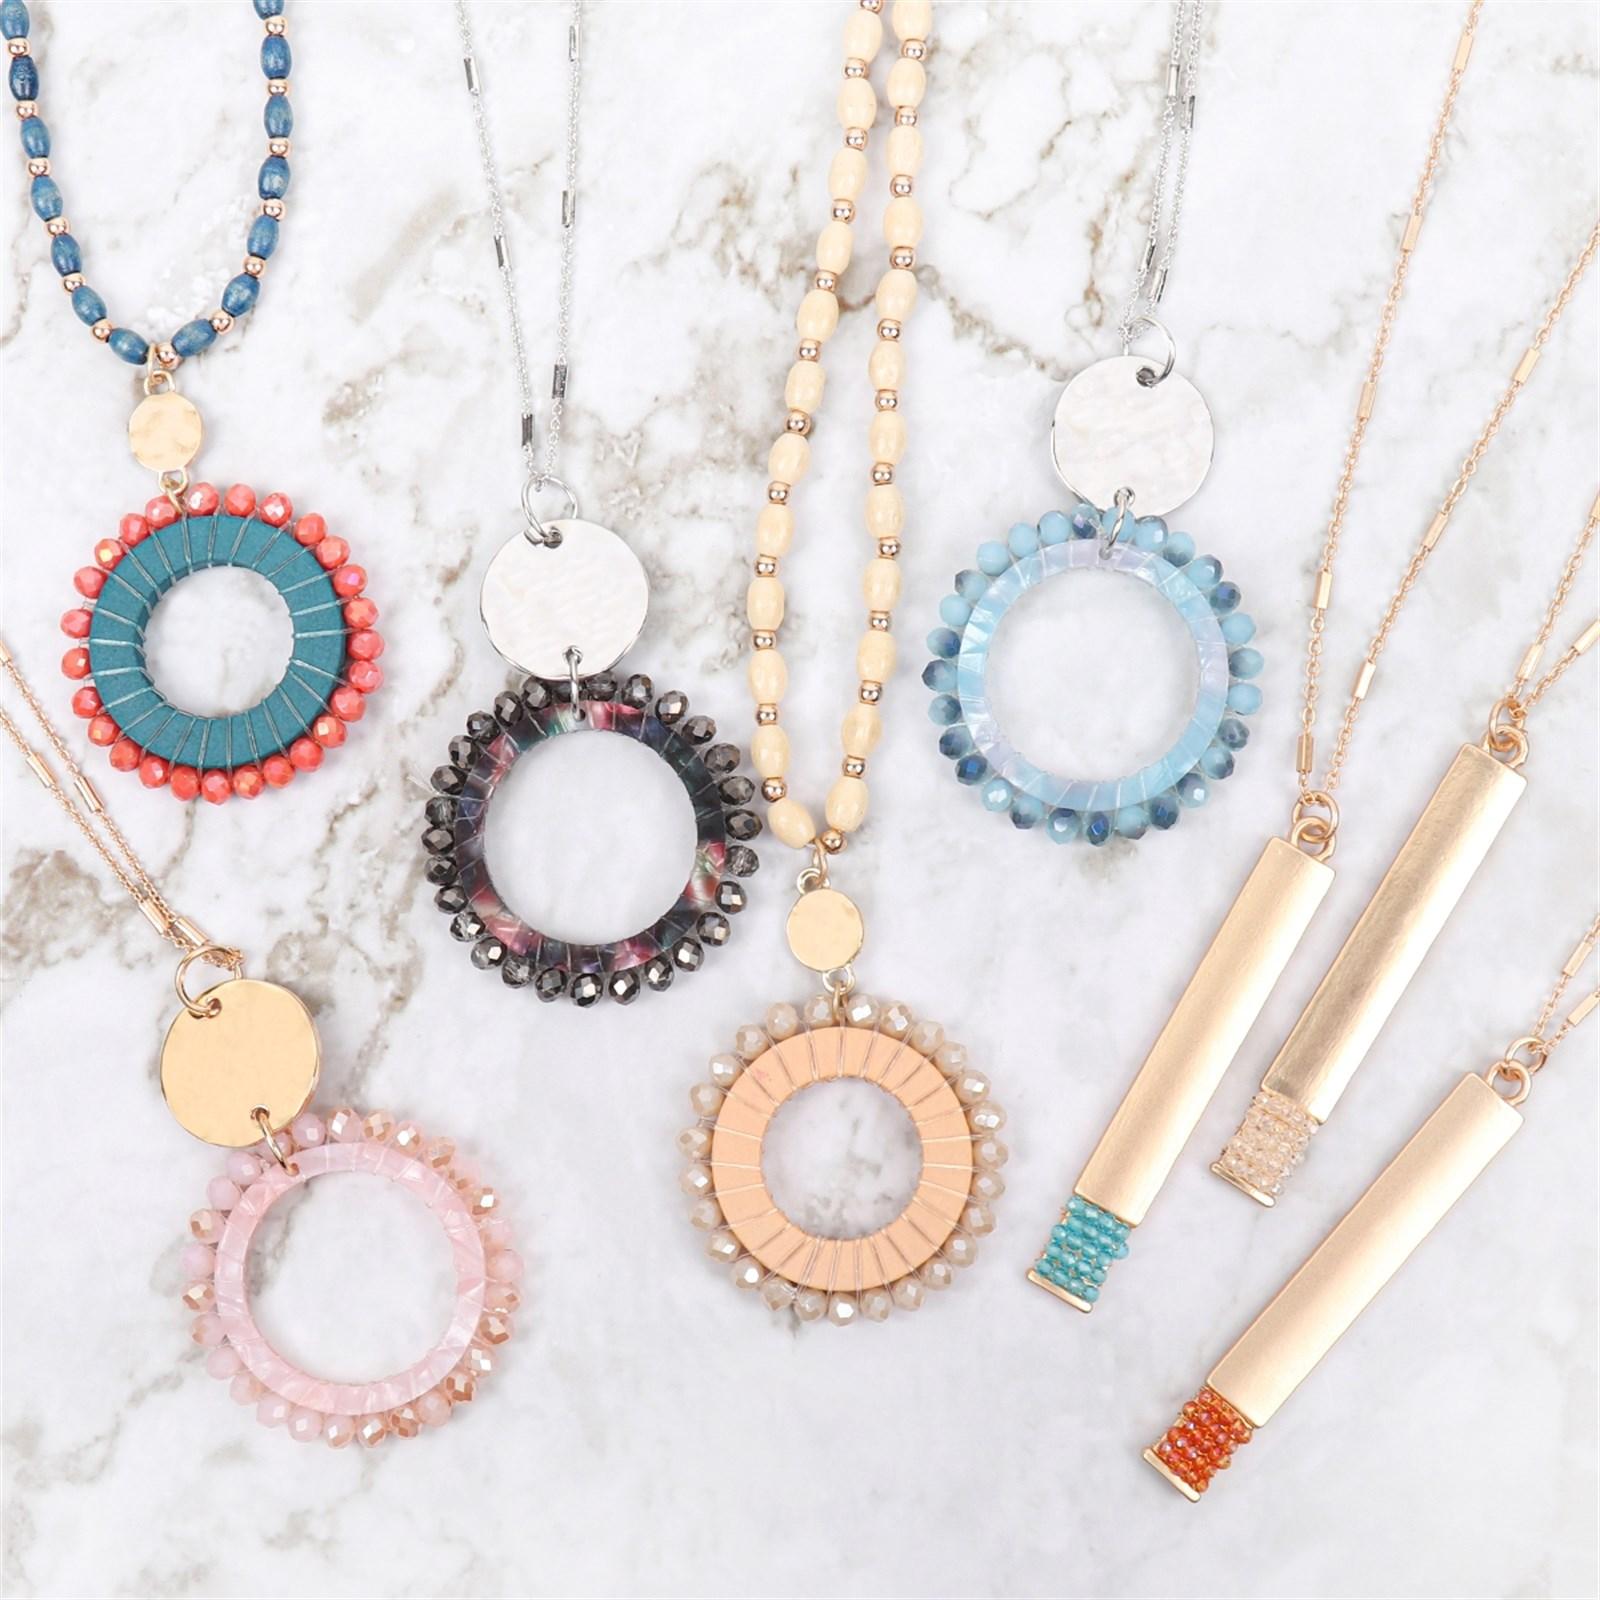 Bead Pendant Necklaces